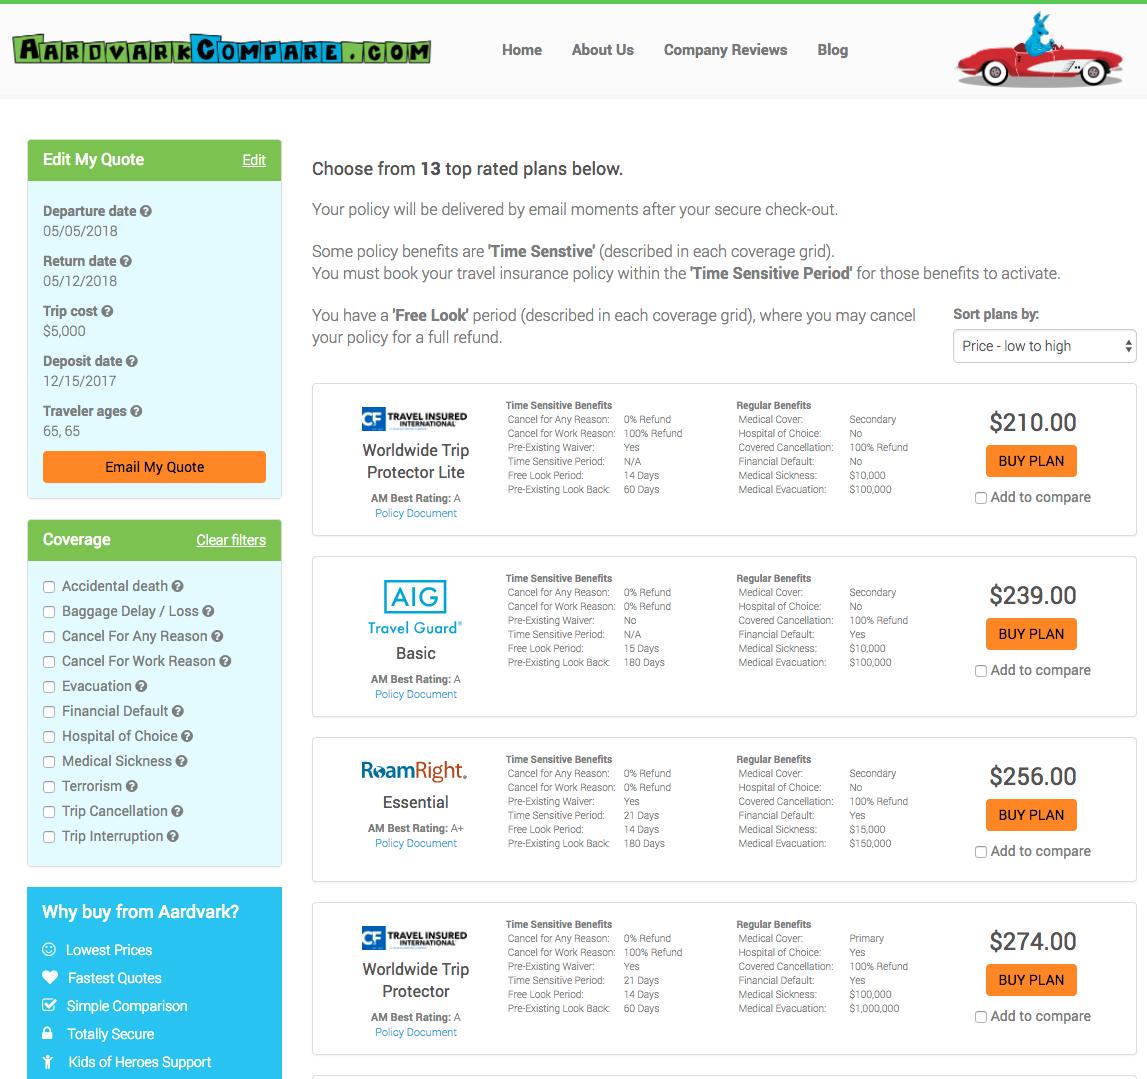 AARP Travel Insurance - Aardvark Options | AardvarkCompare.com